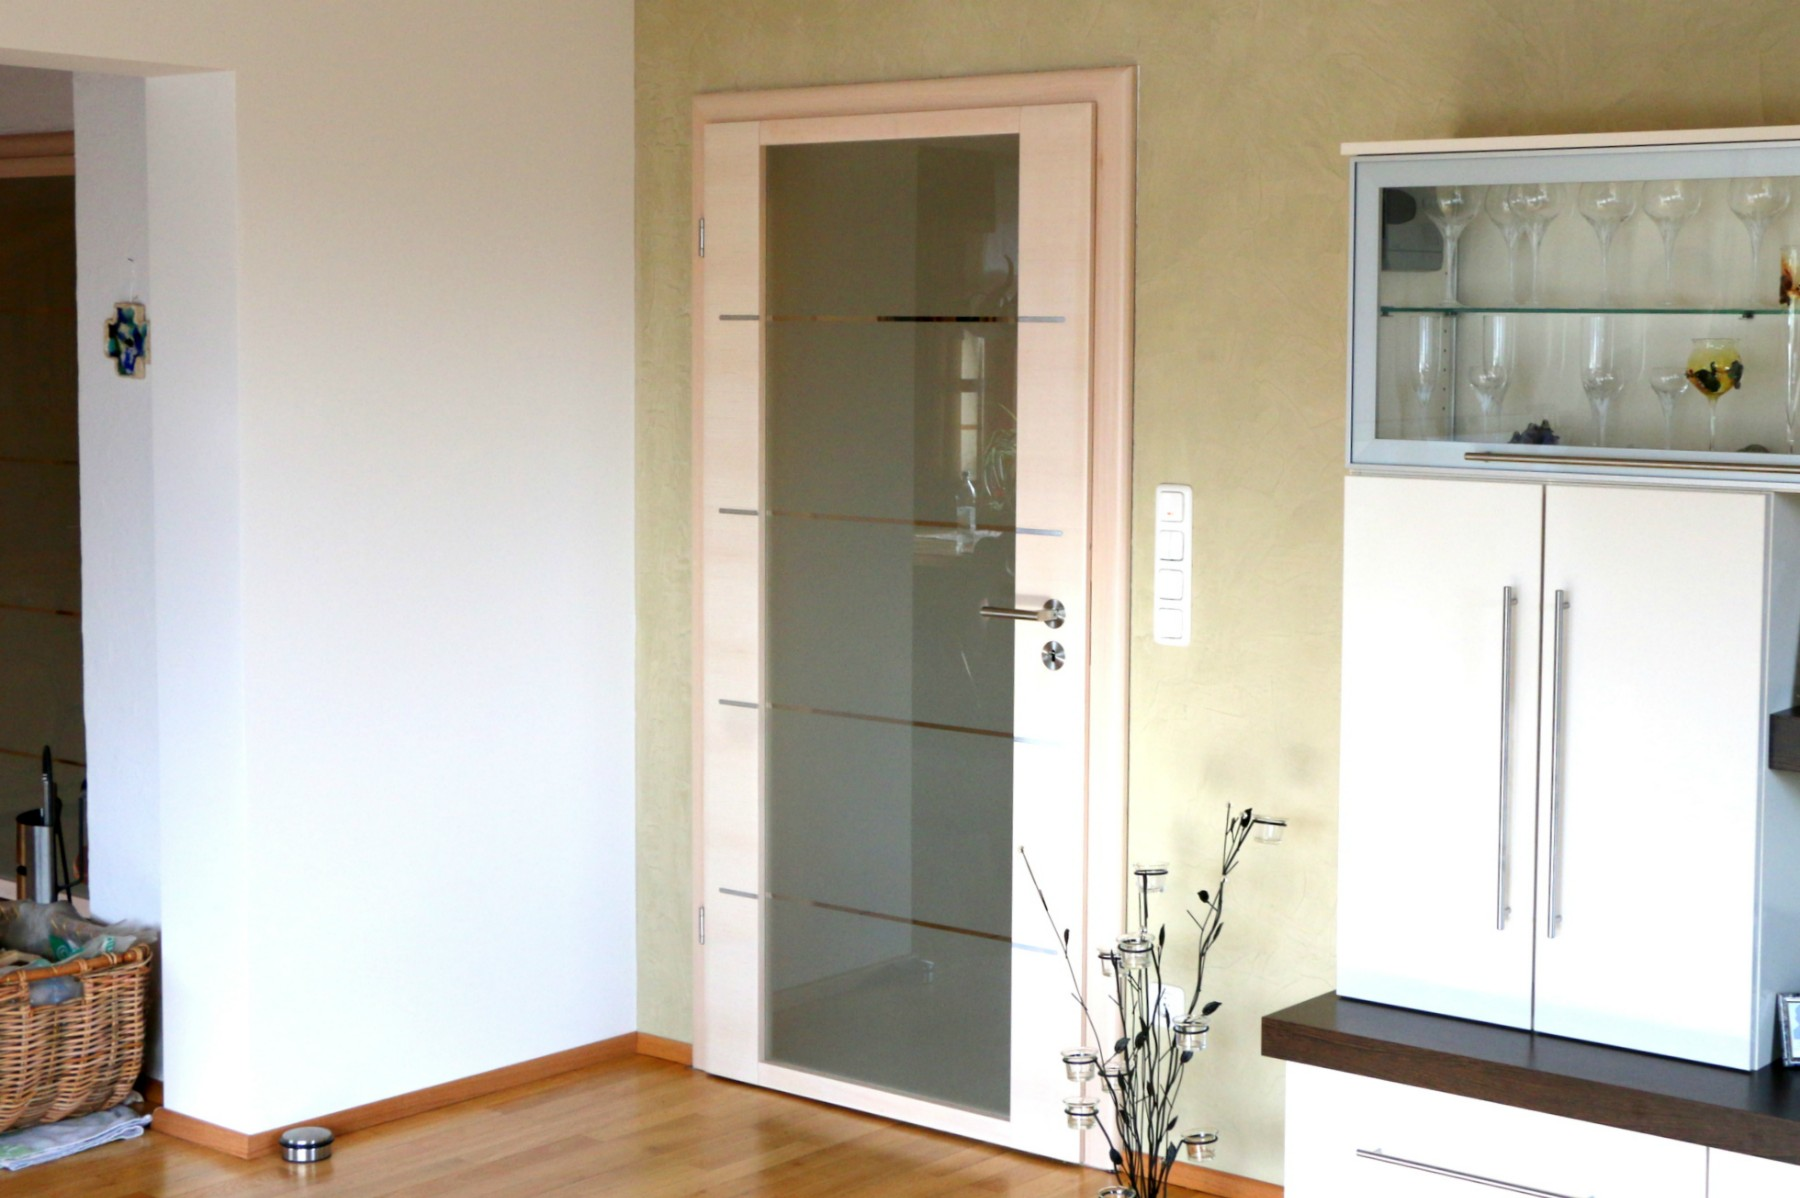 Glastür Mit Rahmen : aktuelles aus dem t renwerk westner t ren westner in denkendorf ~ Sanjose-hotels-ca.com Haus und Dekorationen